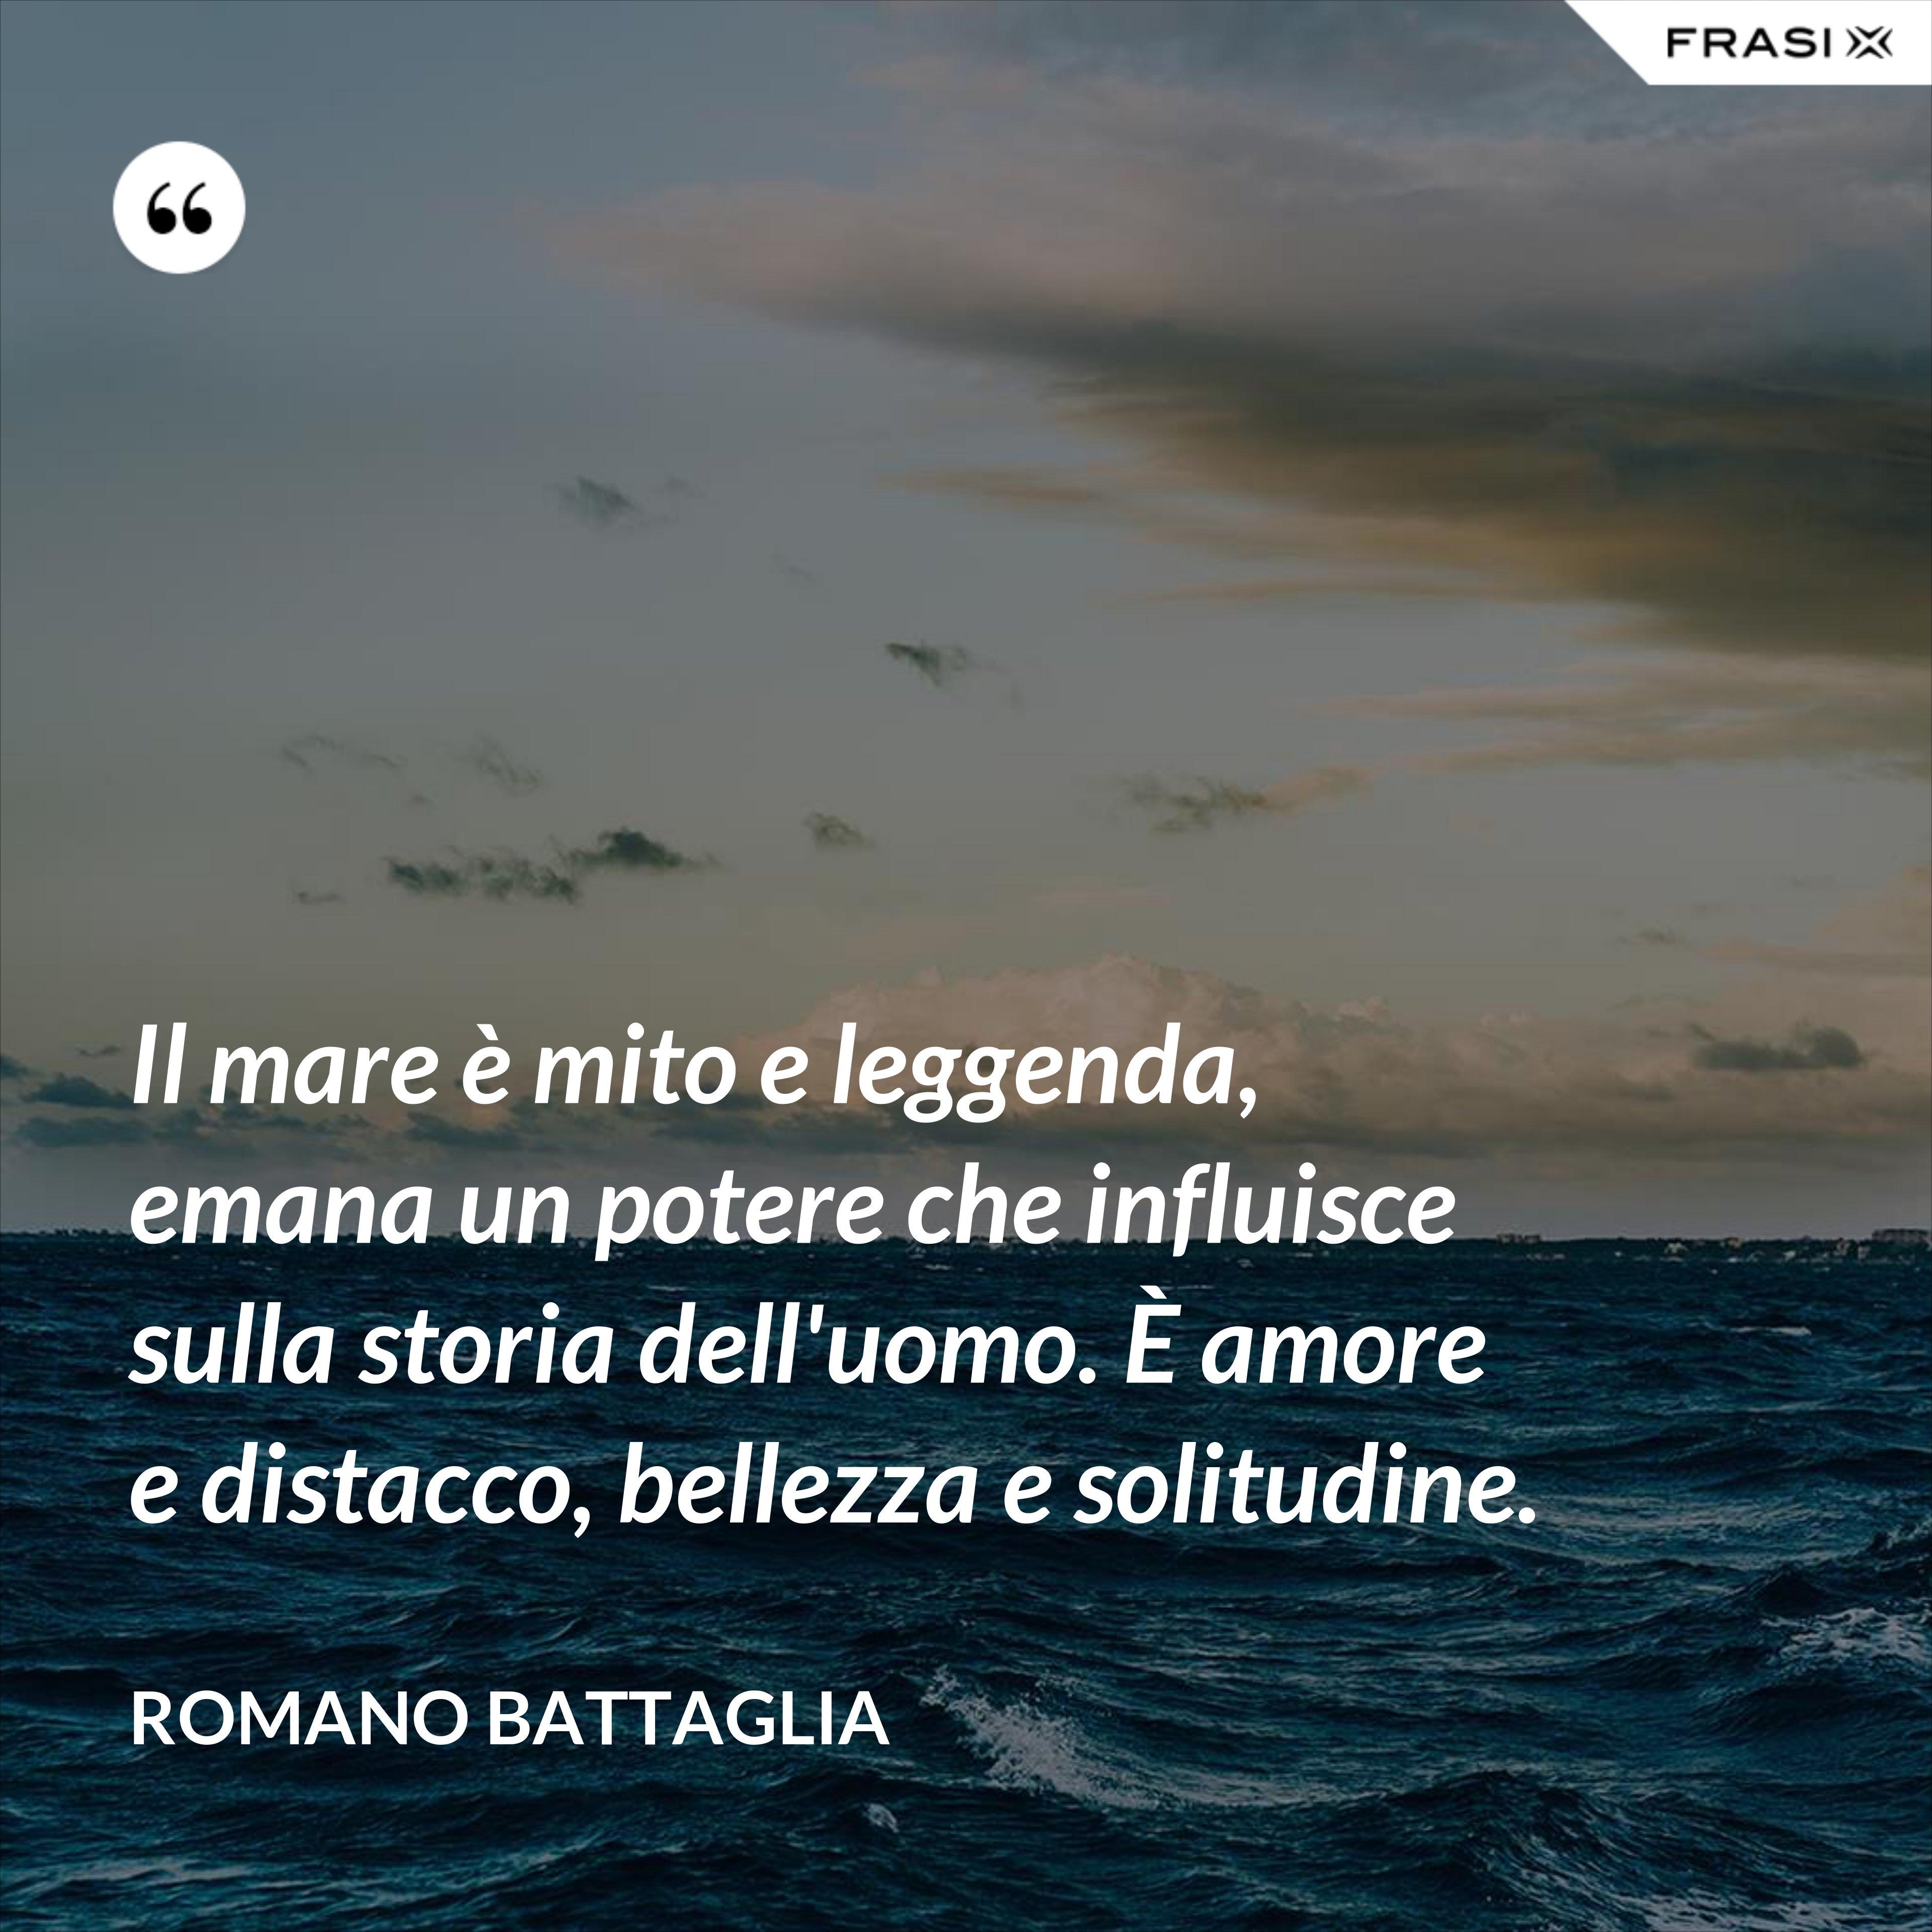 Il mare è mito e leggenda, emana un potere che influisce sulla storia dell'uomo. È amore e distacco, bellezza e solitudine. - Romano Battaglia